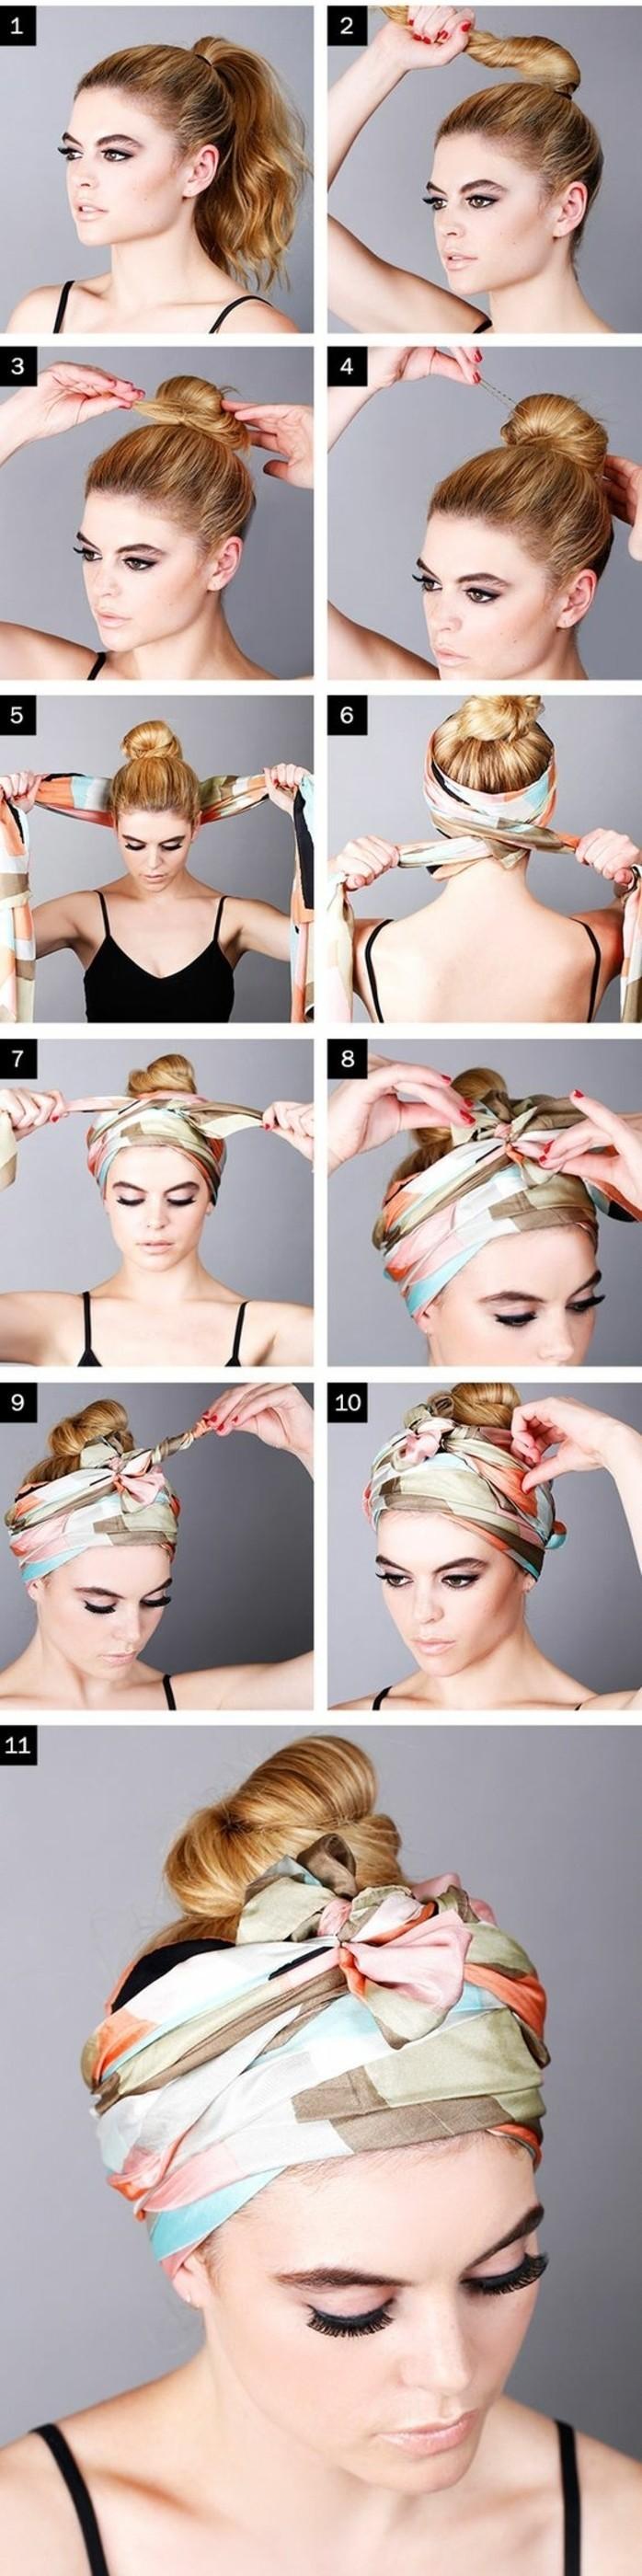 foulard-dans-les-cheveux-idees-comment-porter-son-foulard